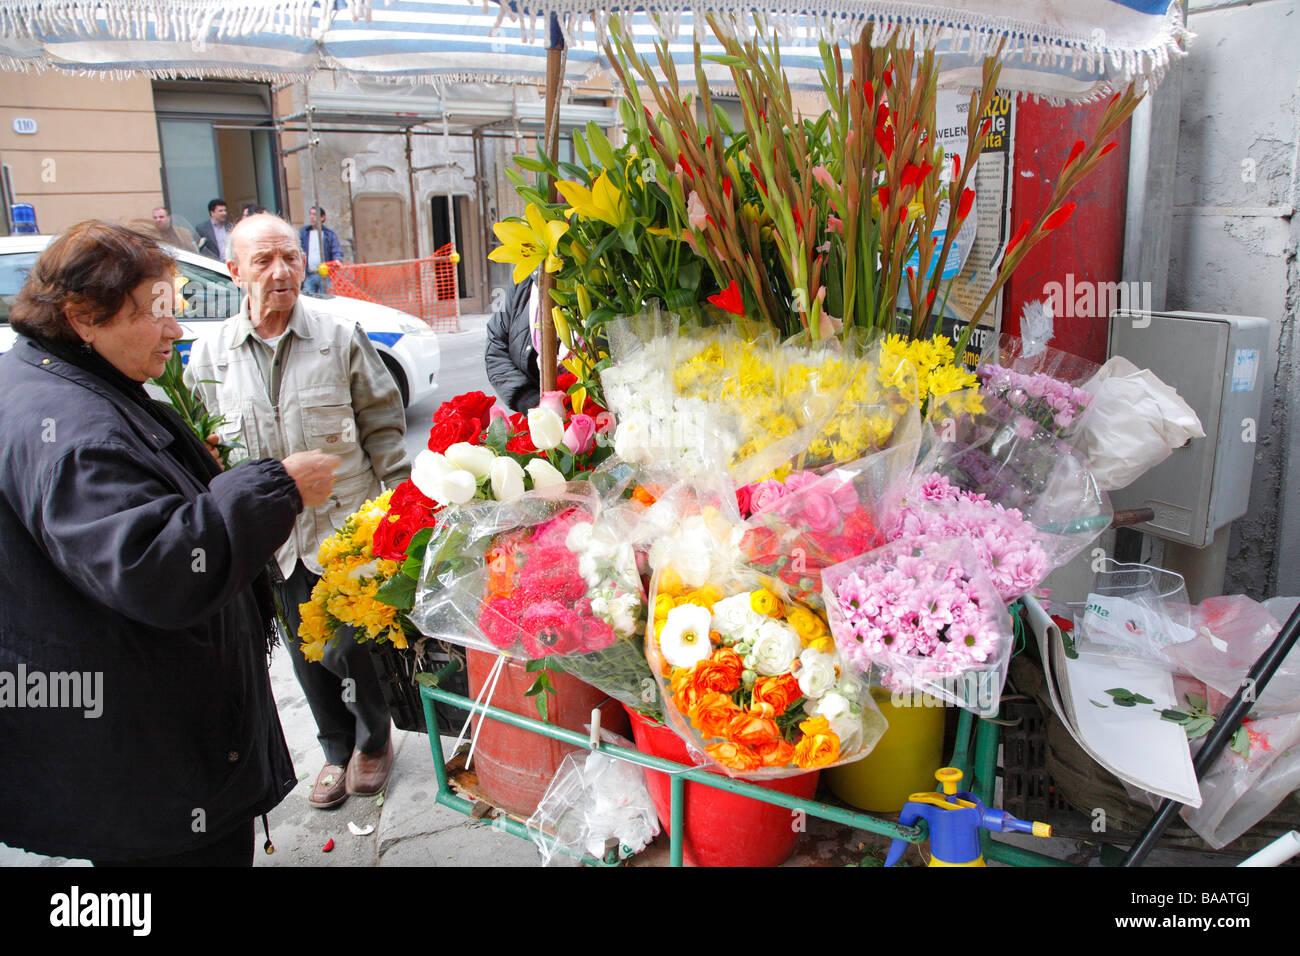 Market, Mercato della Vucciria, Palermo, Sicily, Italy - Stock Image